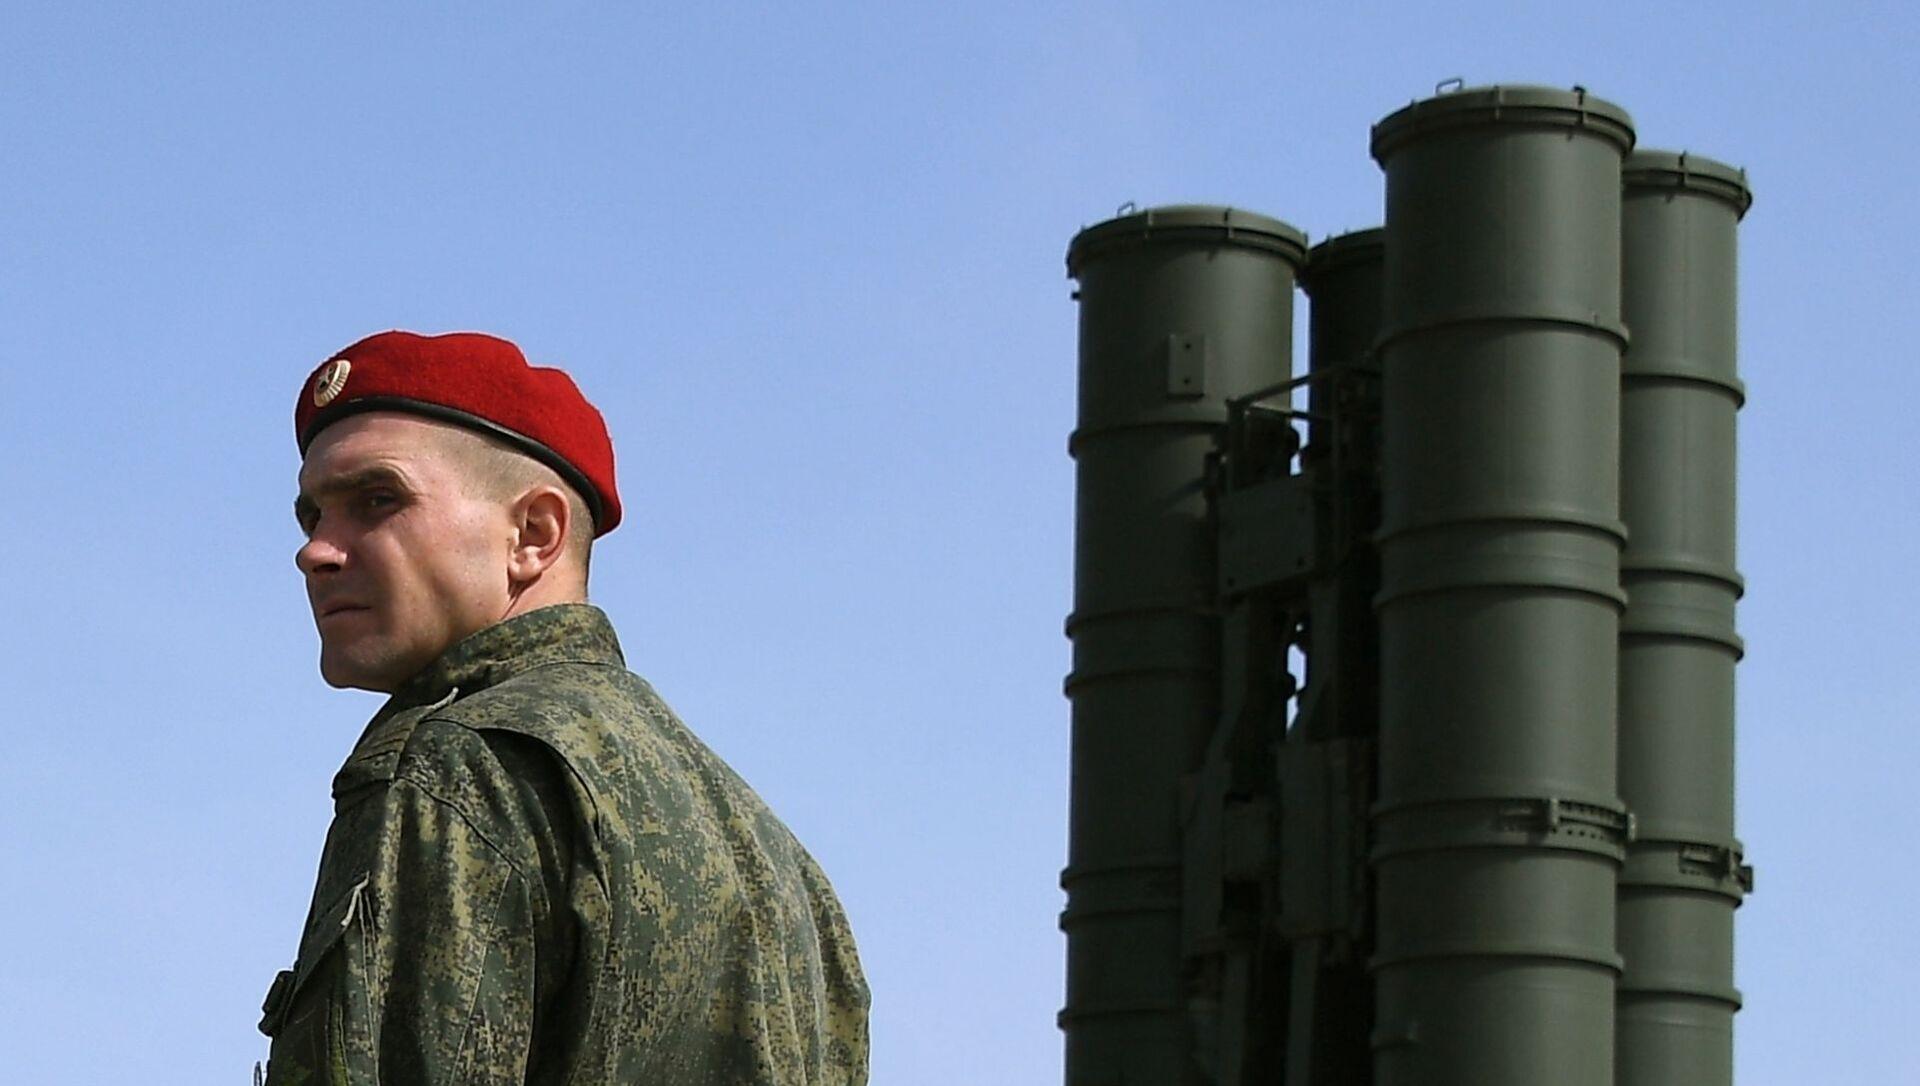 Un soldado cerca del sistema de misiles antiaéreos S-400 durante los ejercicios militares Kavkaz 2020 - Sputnik Mundo, 1920, 05.02.2021